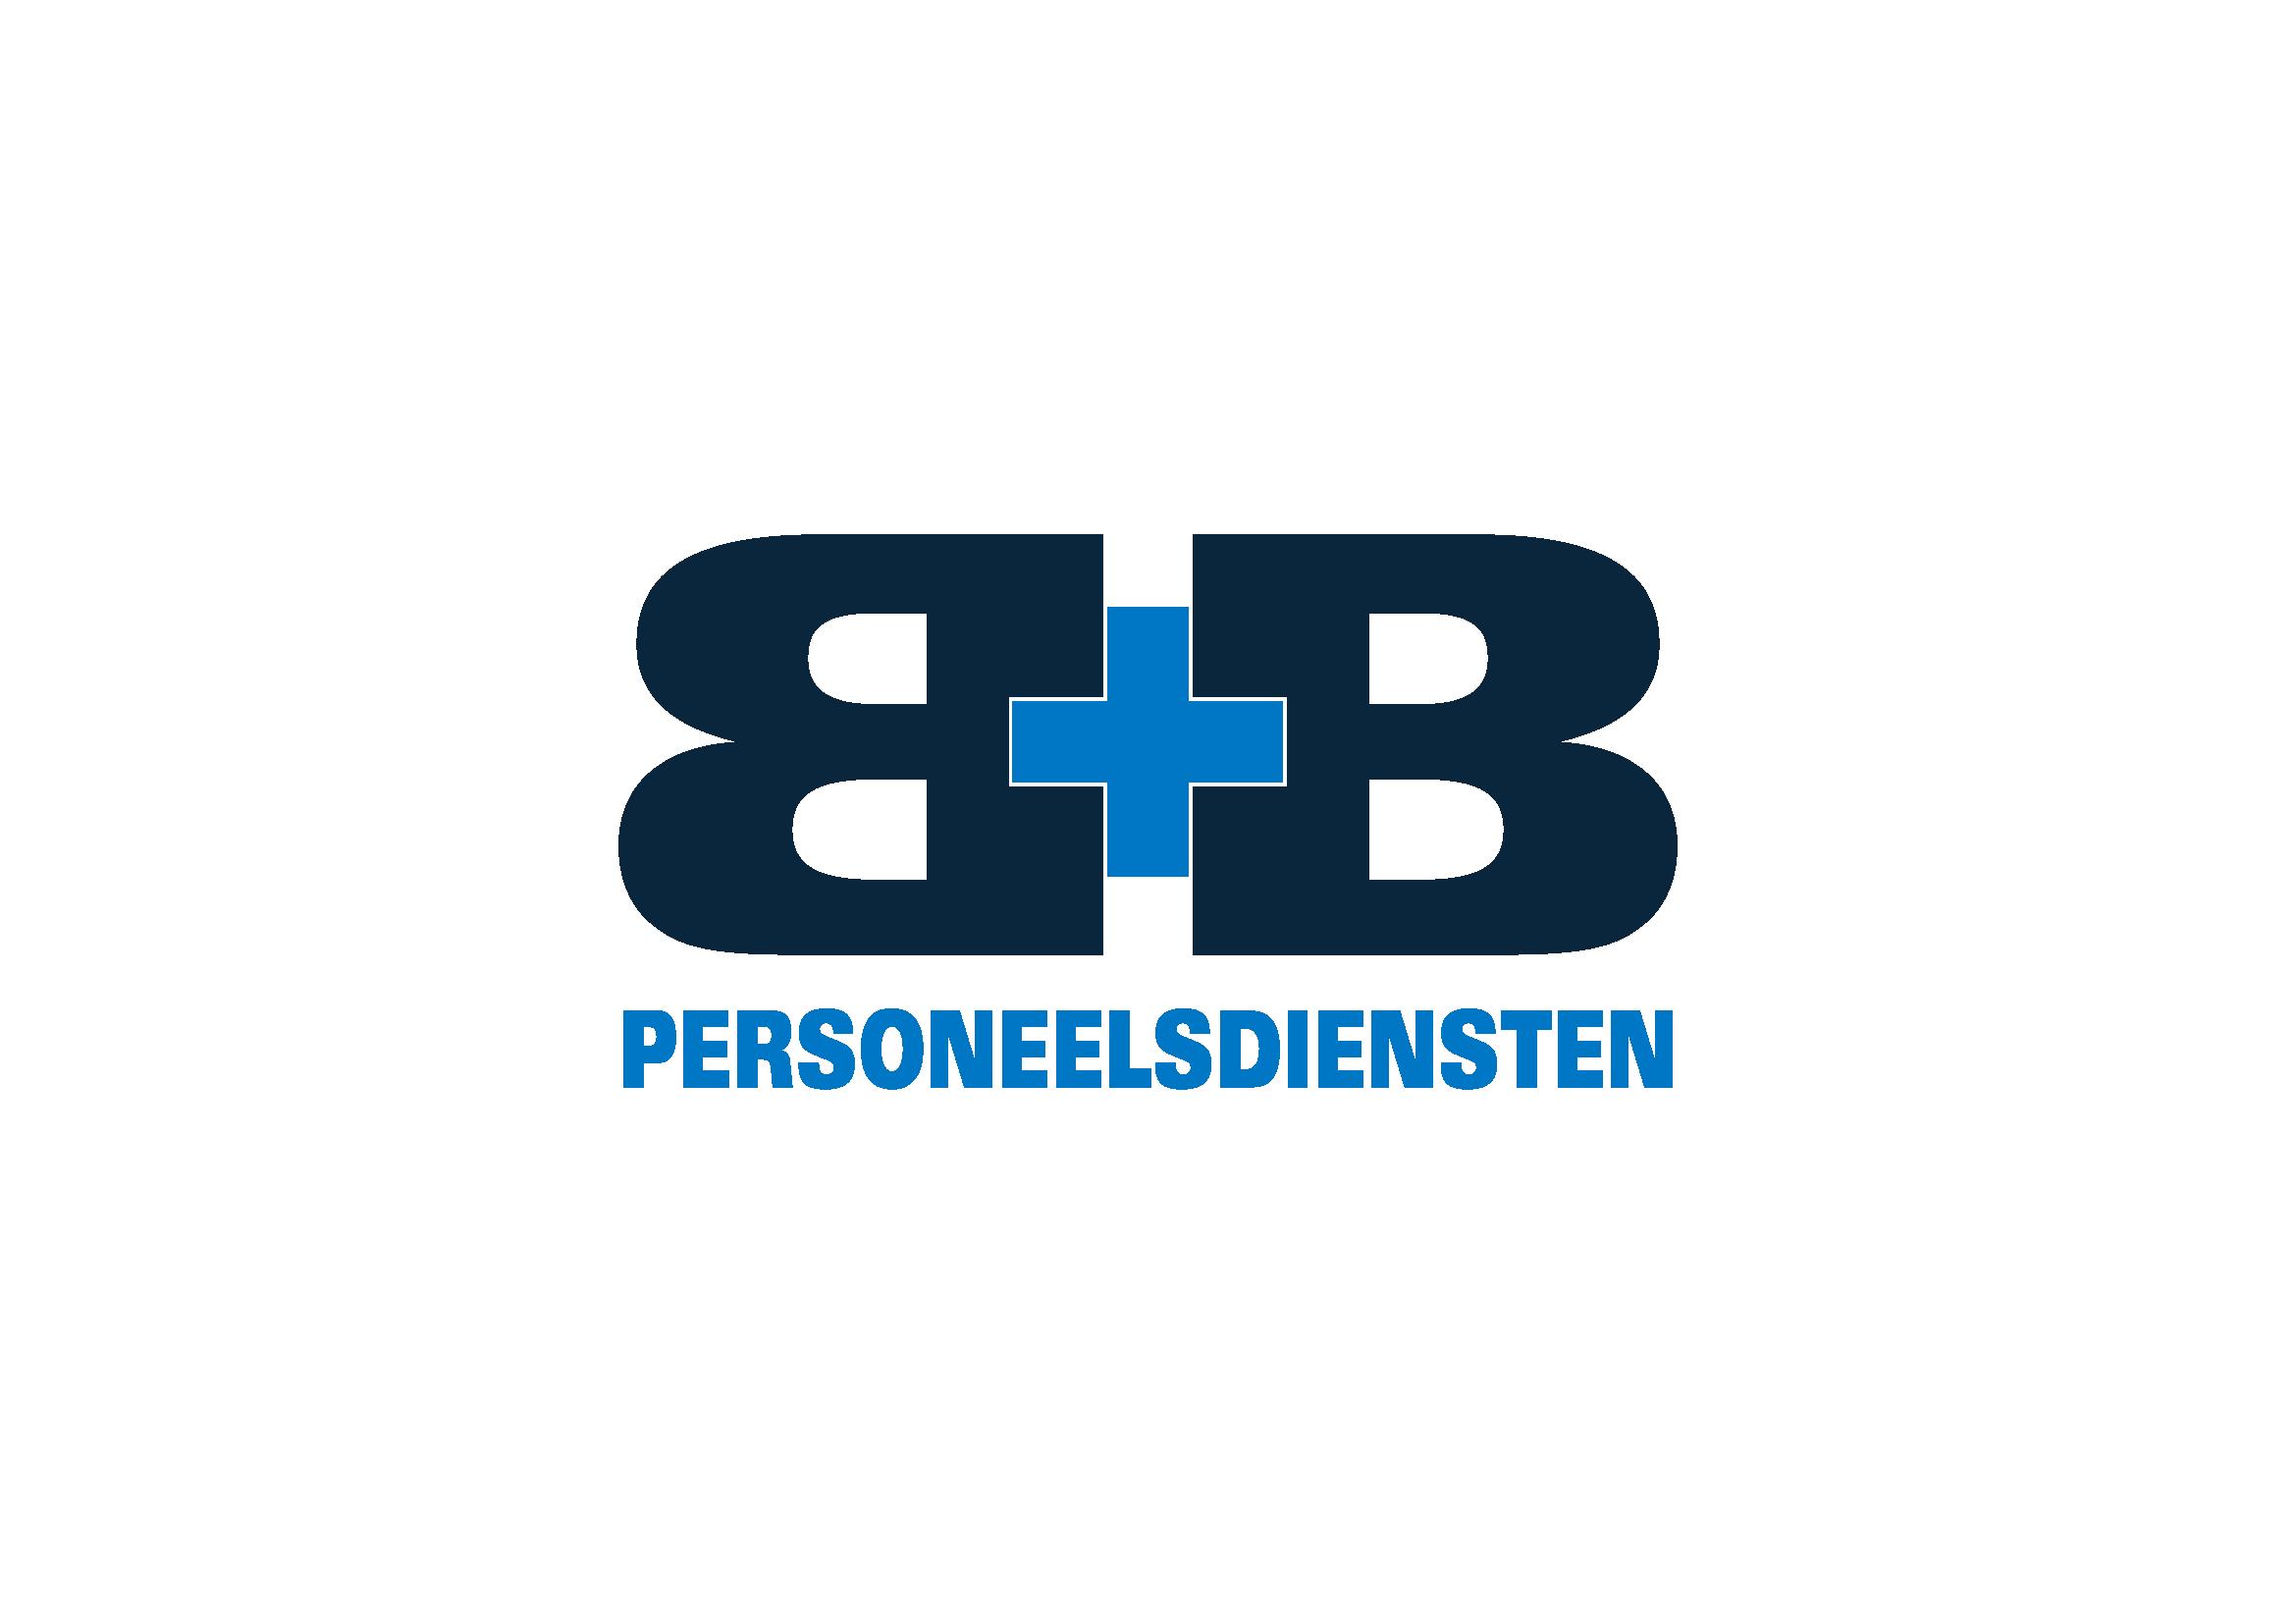 16 BB Personeelsdiensten - logo